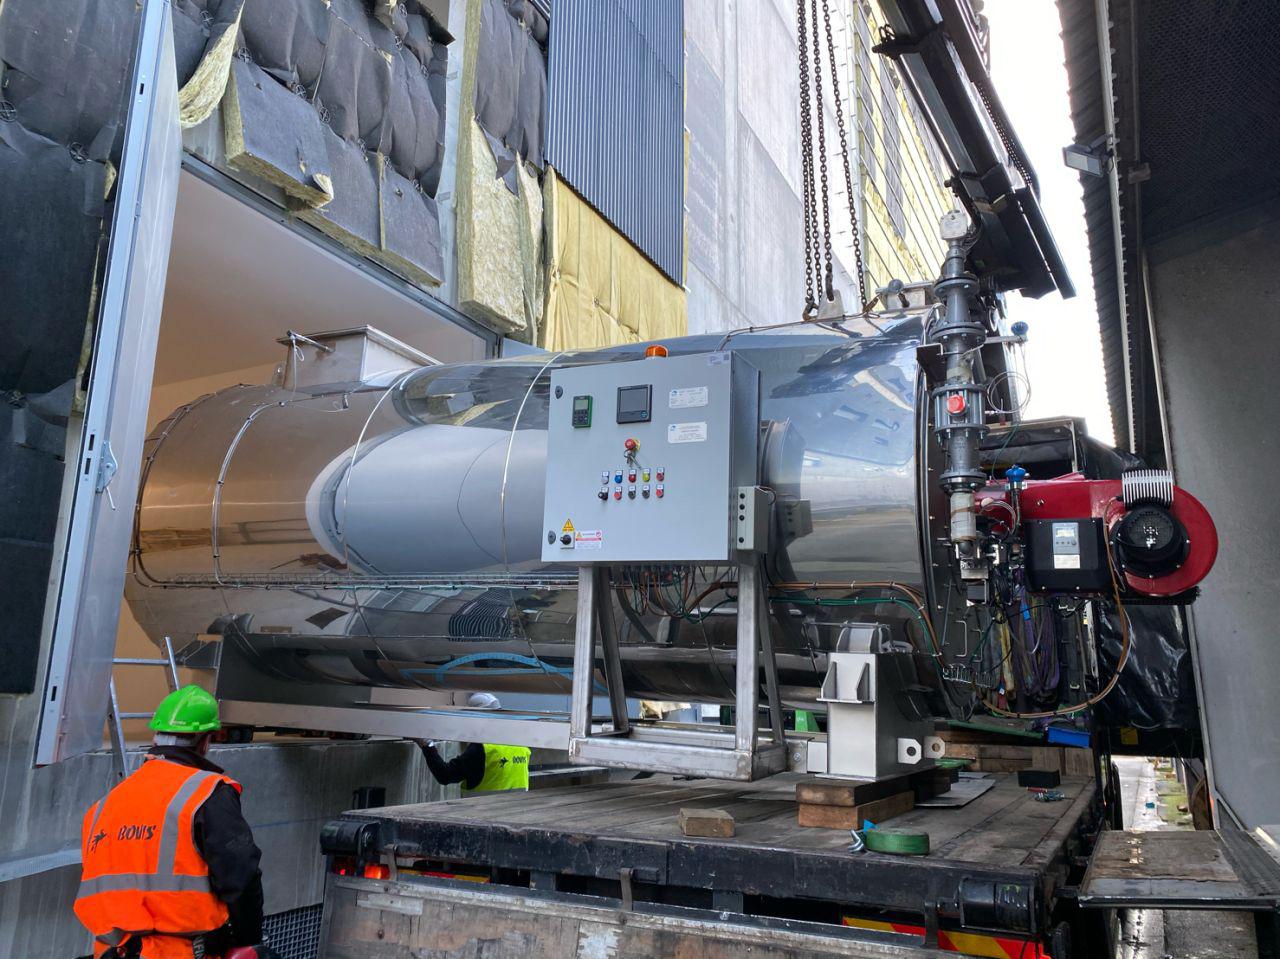 Livraison spécialisée de générateurs de chaleur par Marchal Technologies en Ile de France